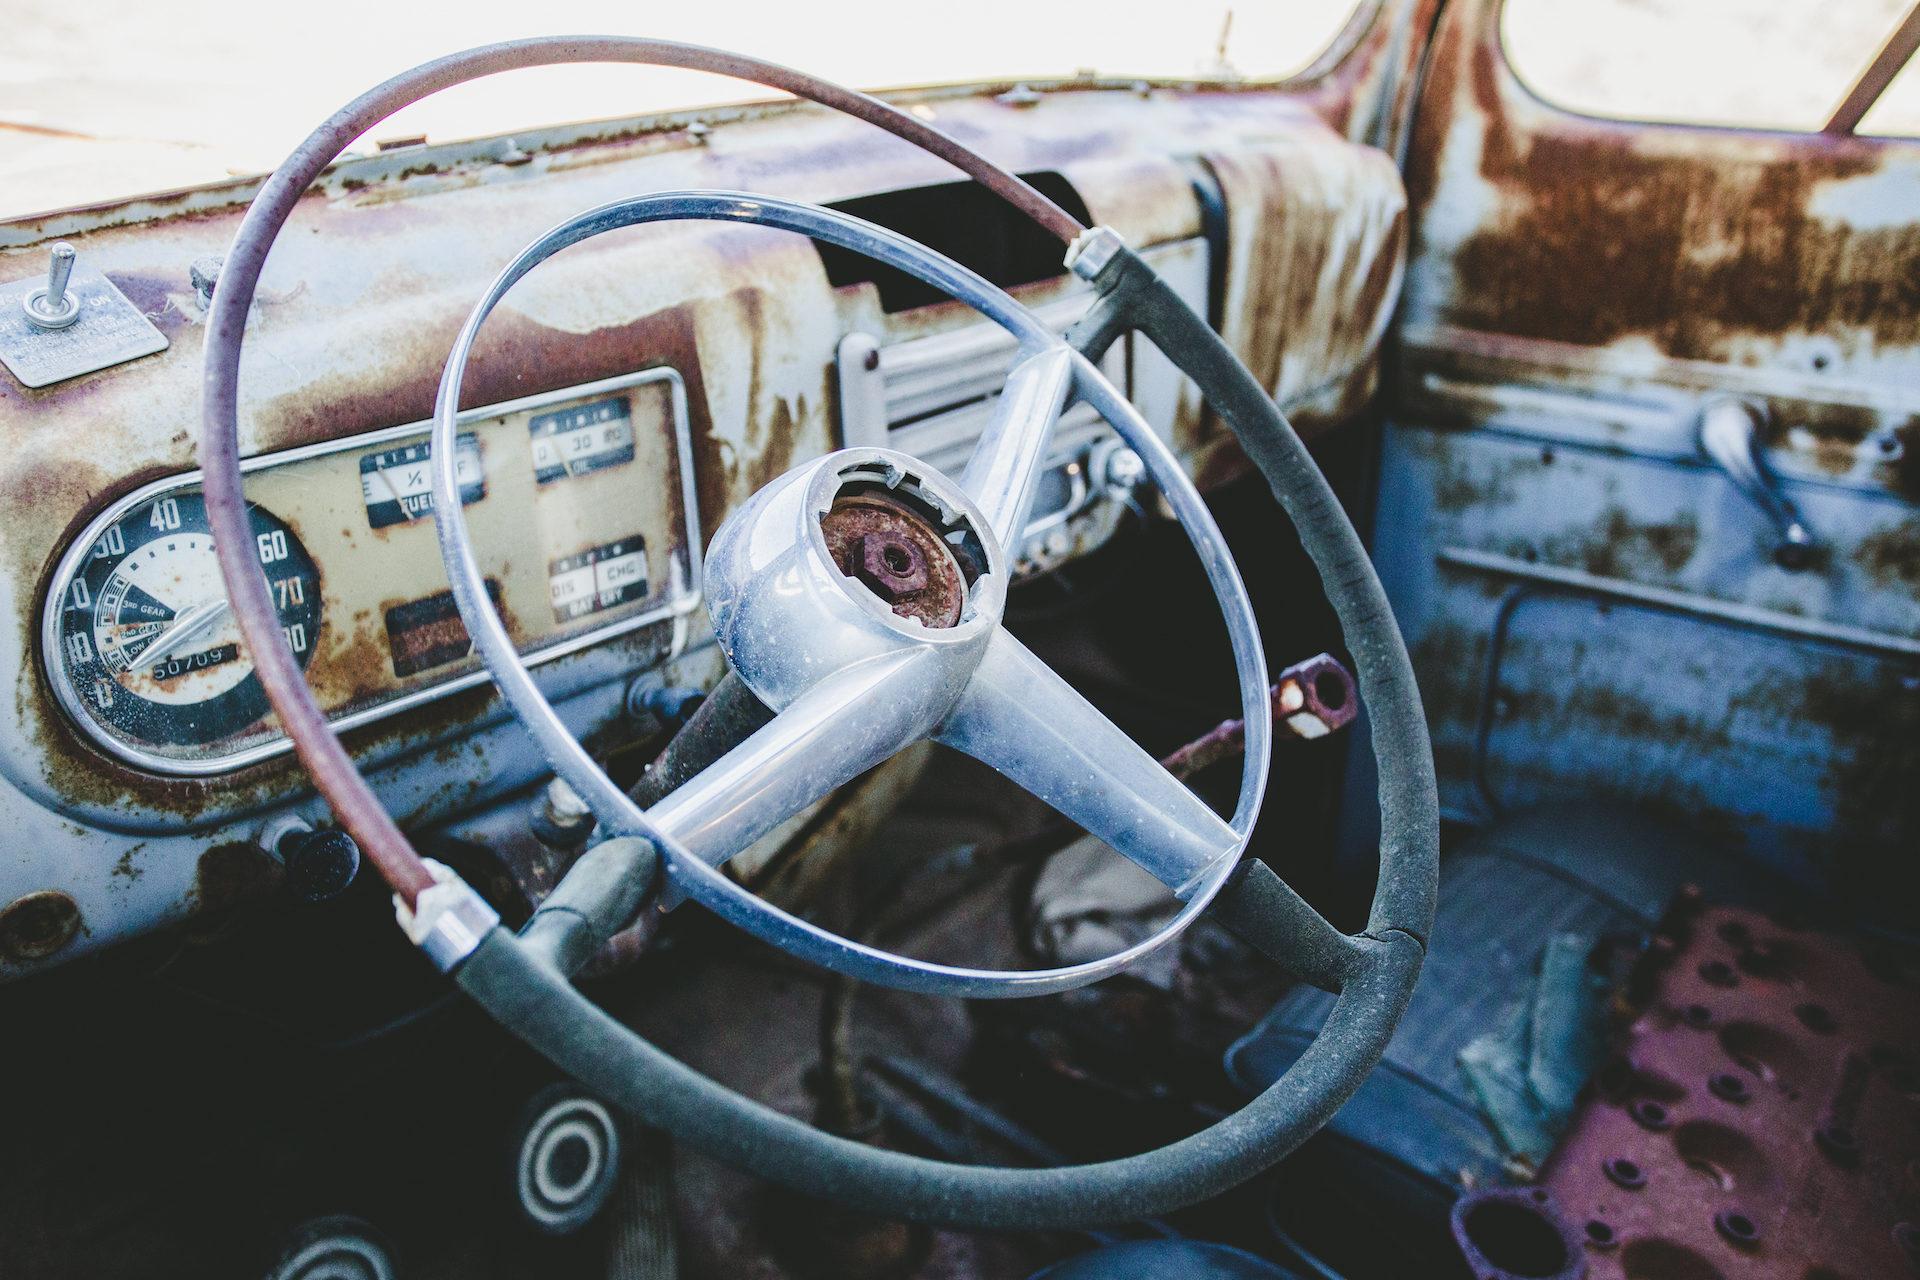 αυτοκίνητο, antiguo, παλιά, Σκουριασμένο, παλιάς χρονολογίας - Wallpapers HD - Professor-falken.com